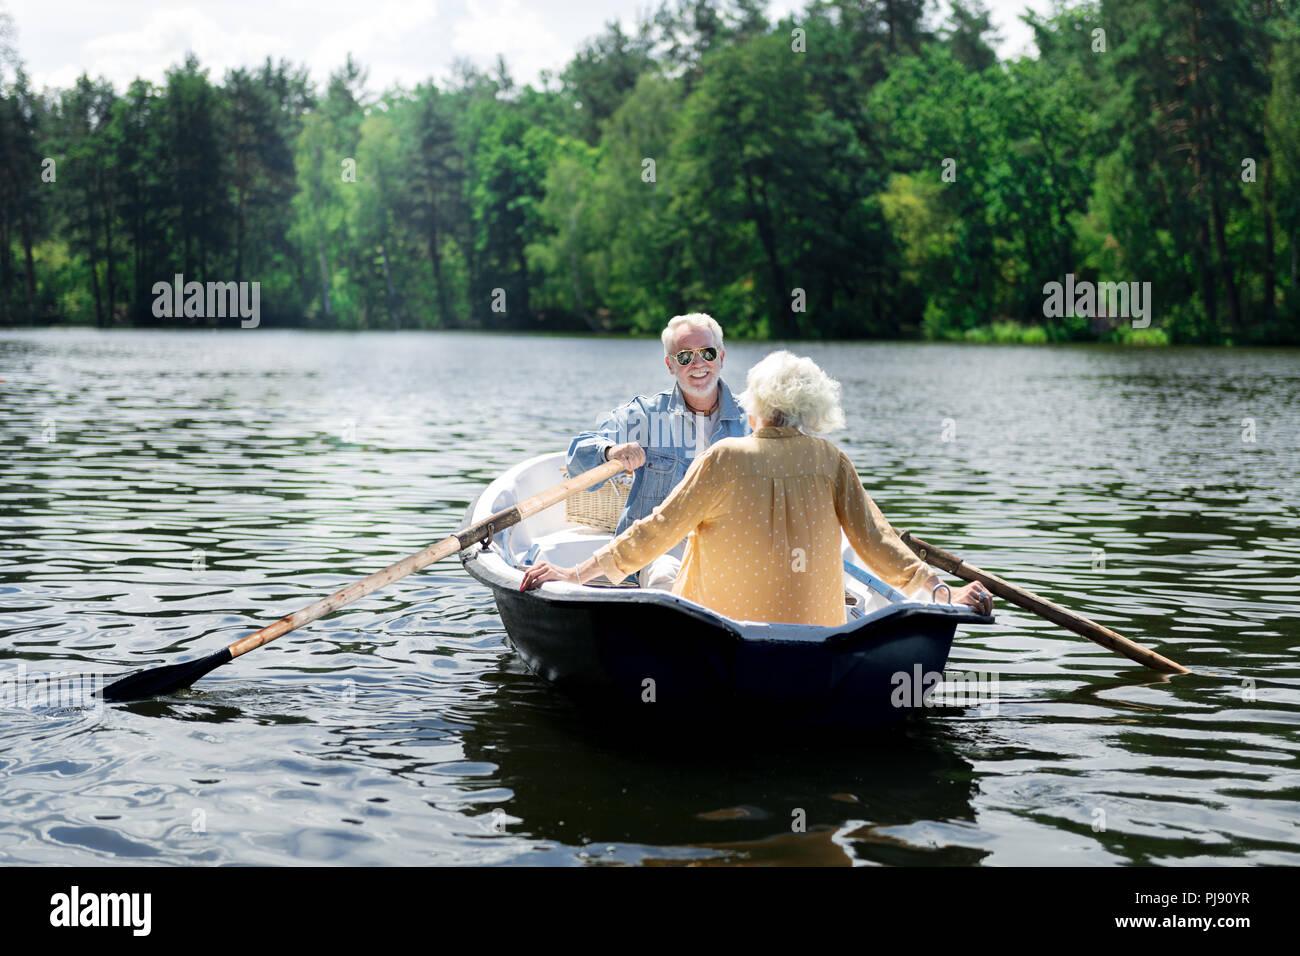 Pareja de jubilados felices disfrutando de su increíble viaje fluvial Imagen De Stock